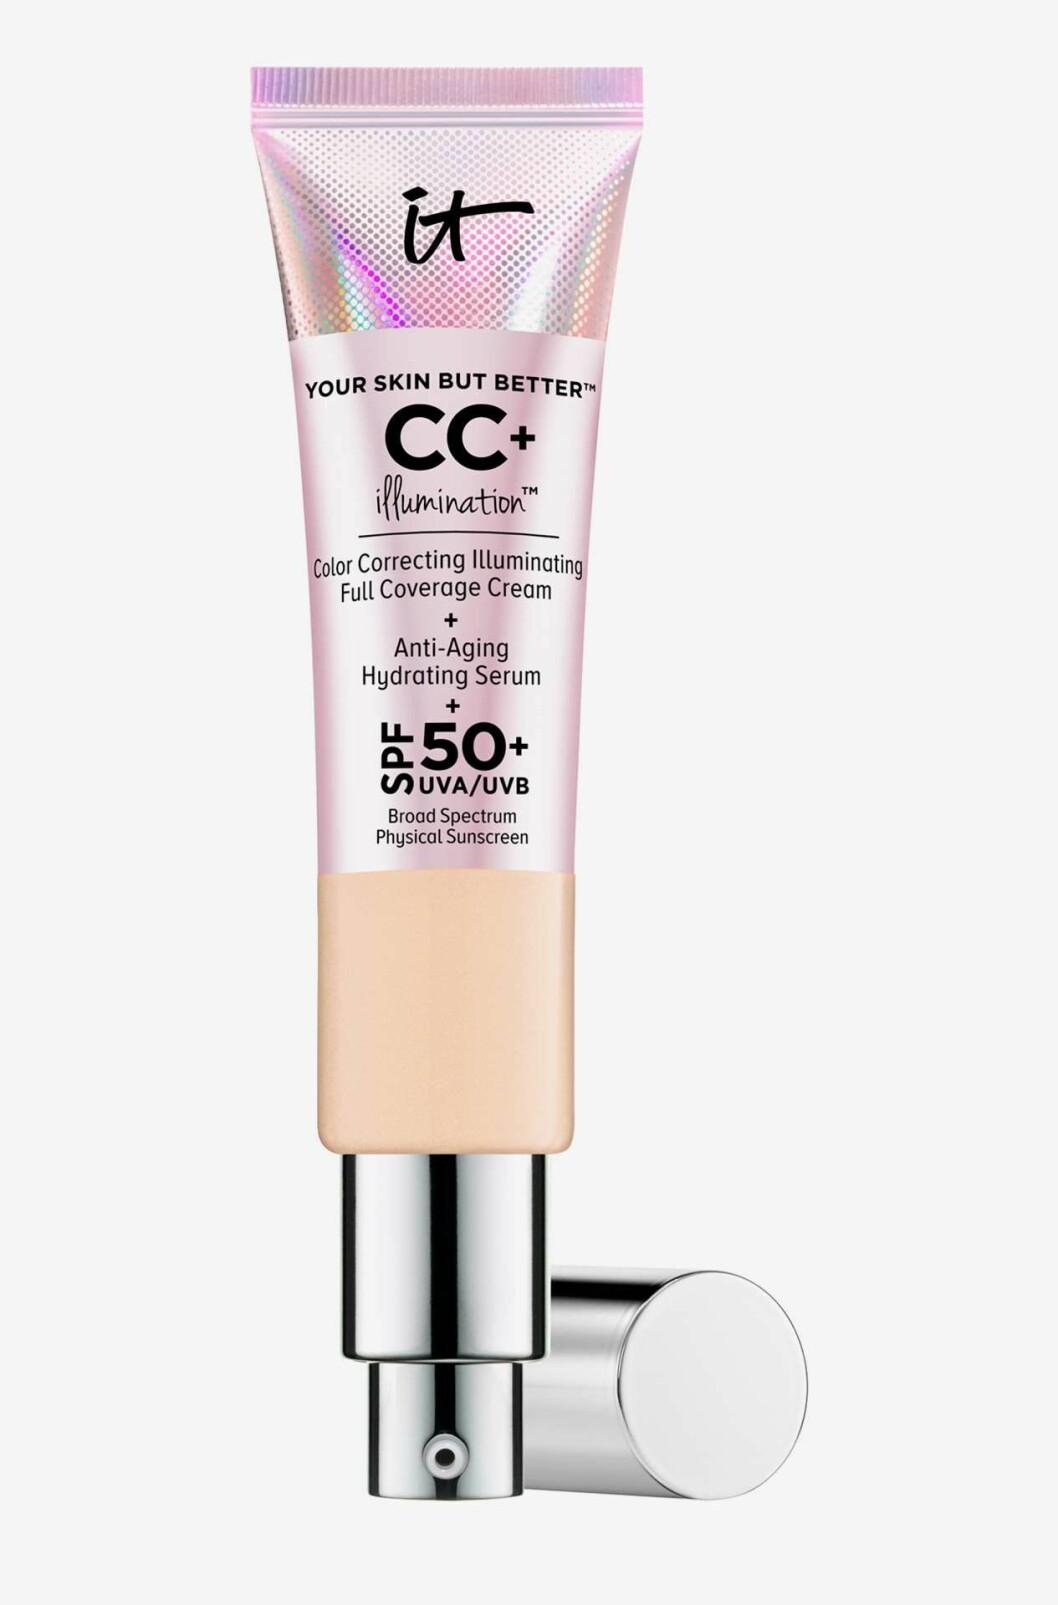 En färgkorrigerande foundation är Your skin but better™ CC+ illumination™ SPF 50+ från It Cosmetics.